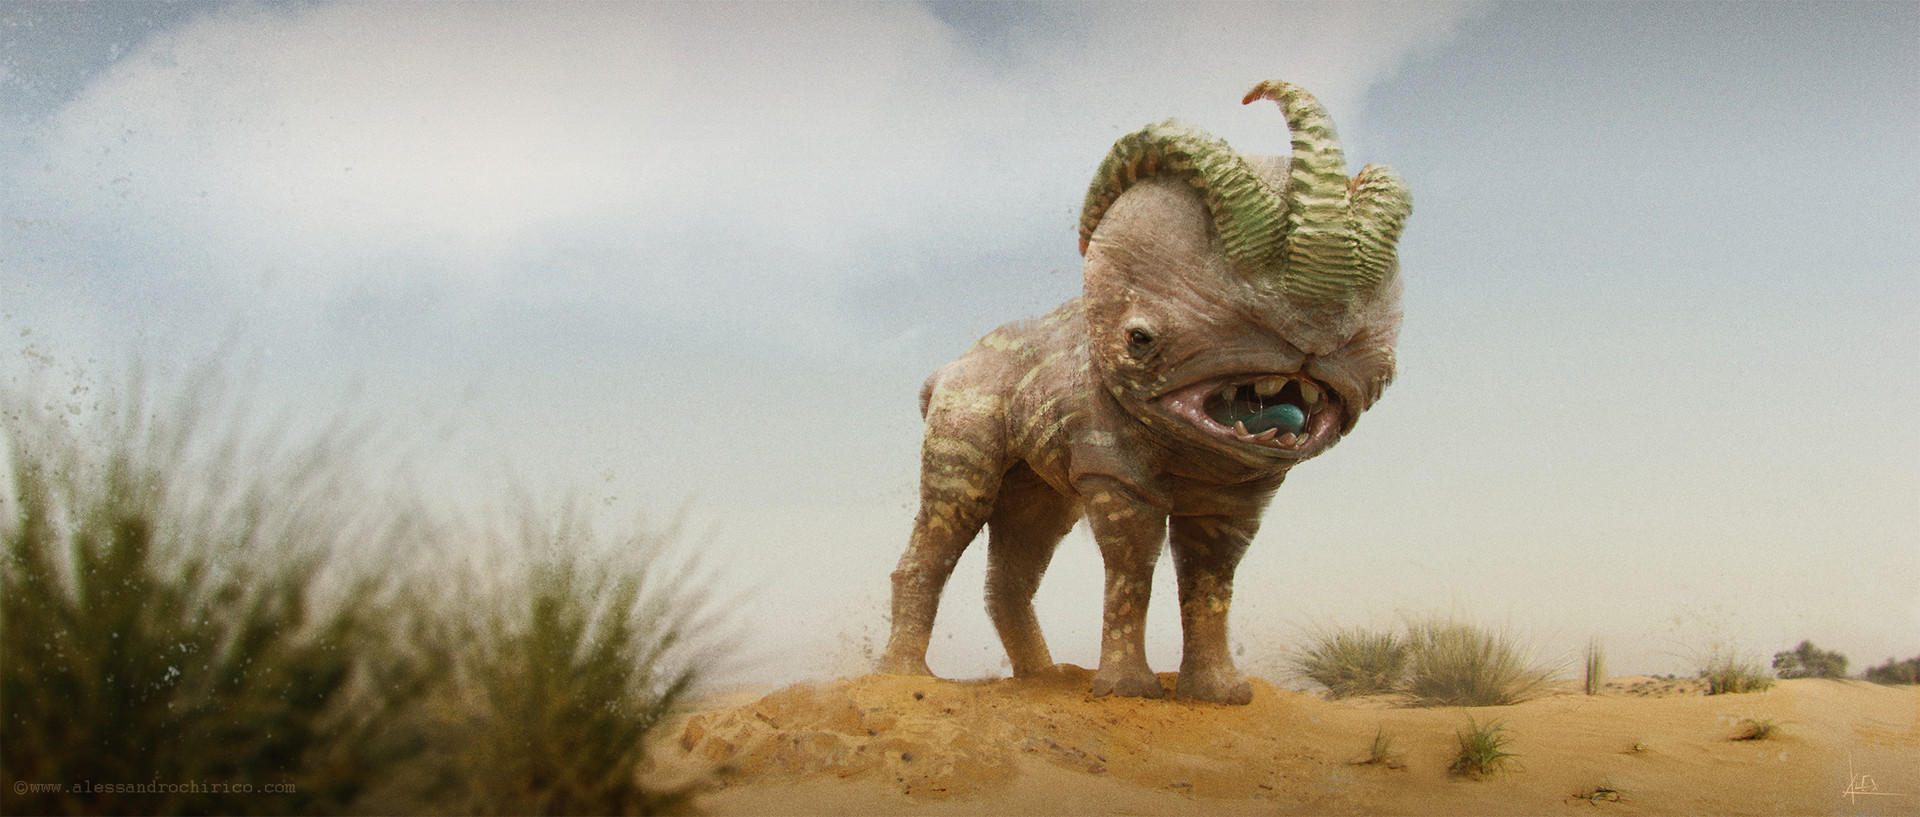 Alessandro chirico sand creature alessandro chirico